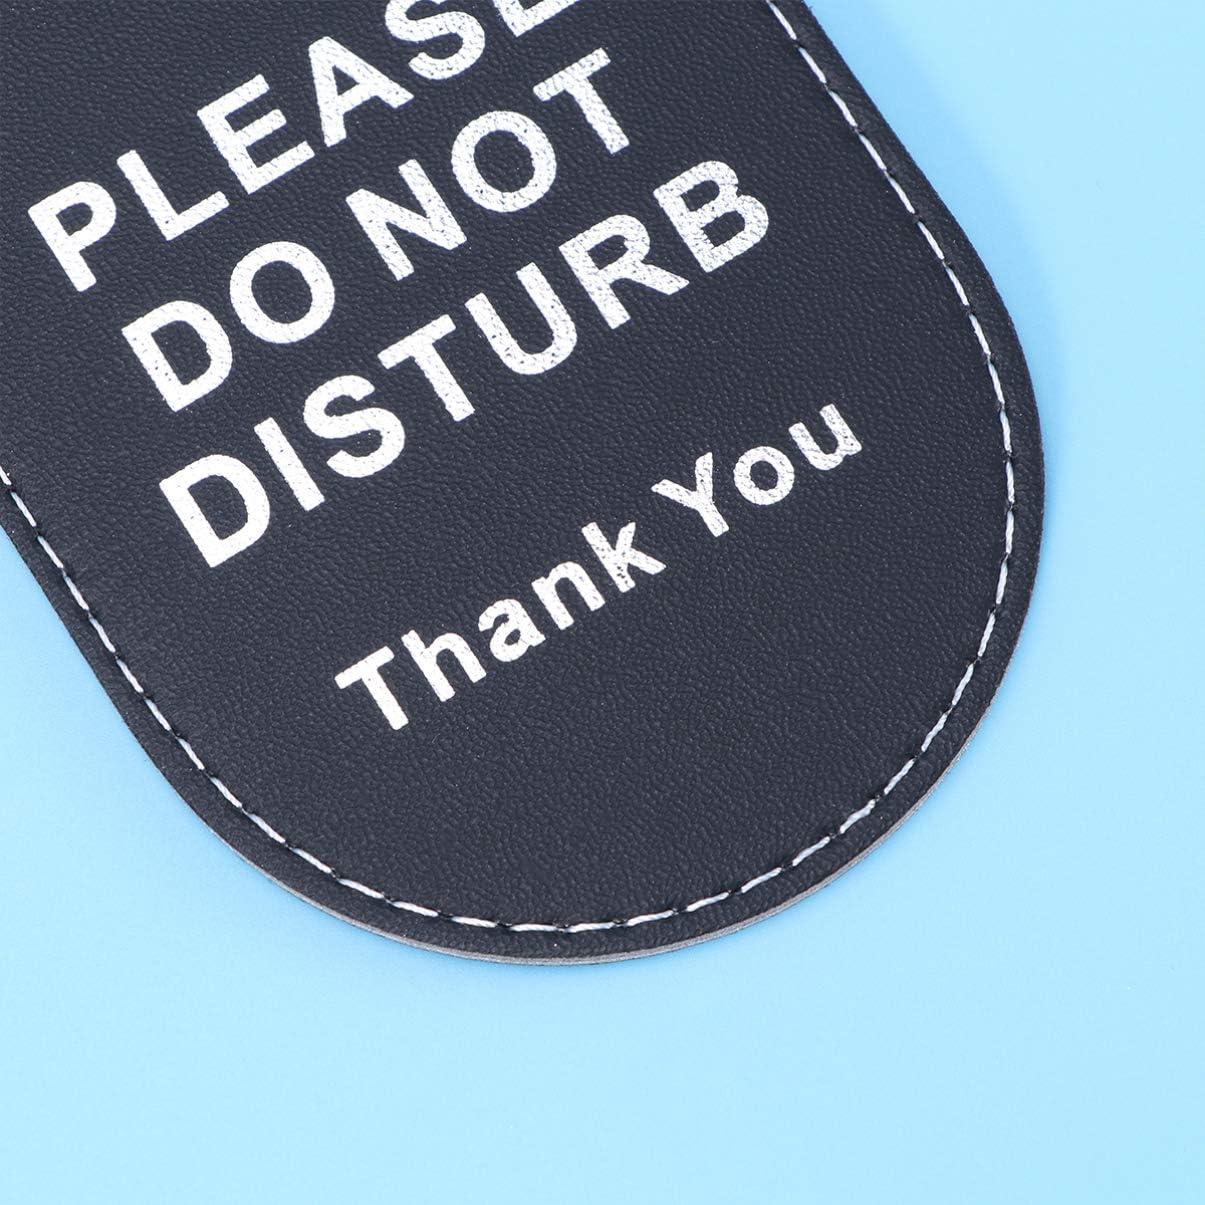 Toyvian per Favore Non Disturbare Cartello Appendiabiti Segno Pulizia Bifacciale per Pomoli per Porte Home Hotel Spa Spa Studio Legale Massaggi